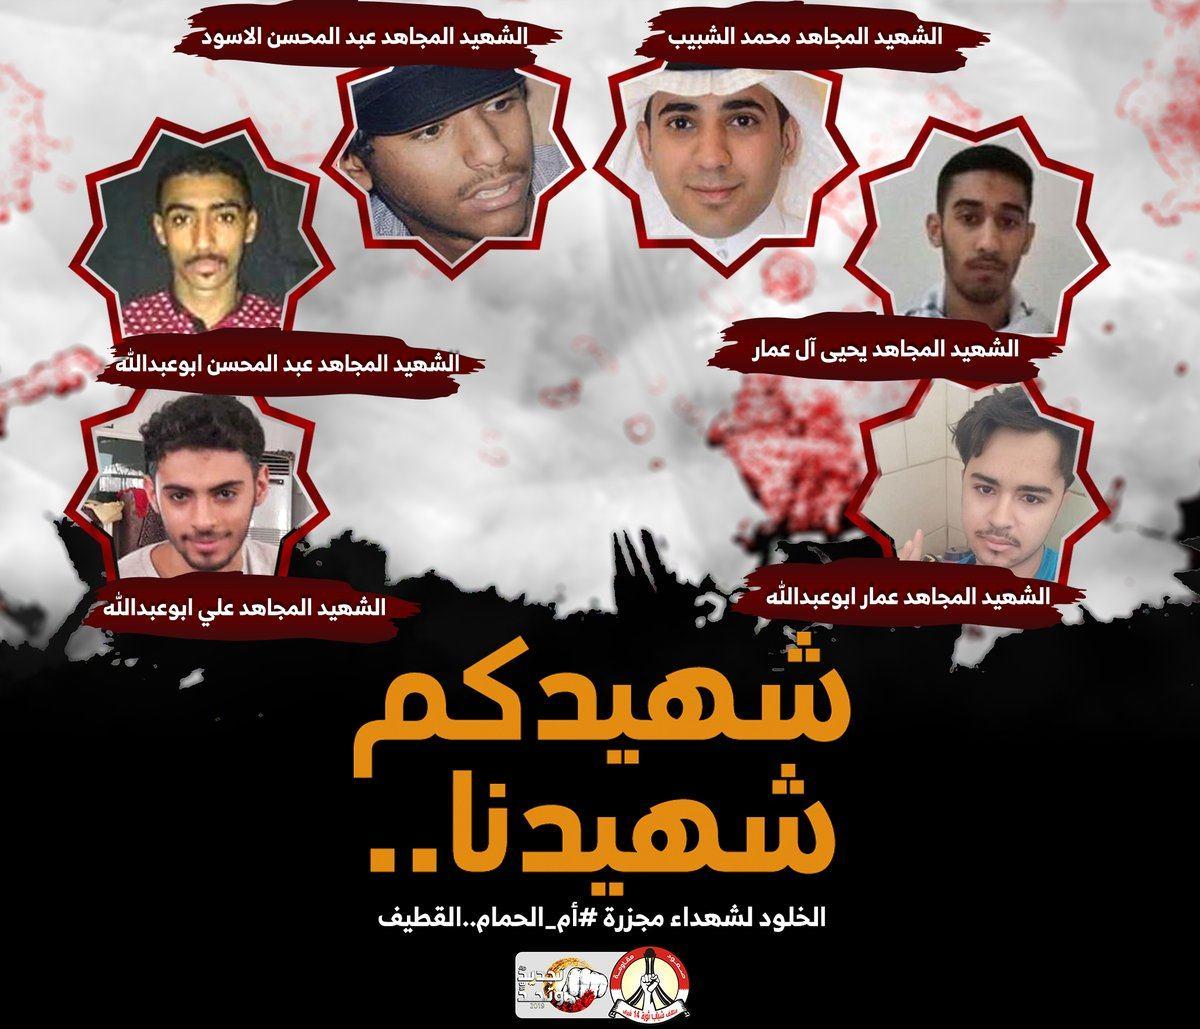 الائتلاف مندّدًا بمجزرة آل سعود بحقّ ثوّار القطيف: هذا النظام لا تردعه إلّا المقاومة